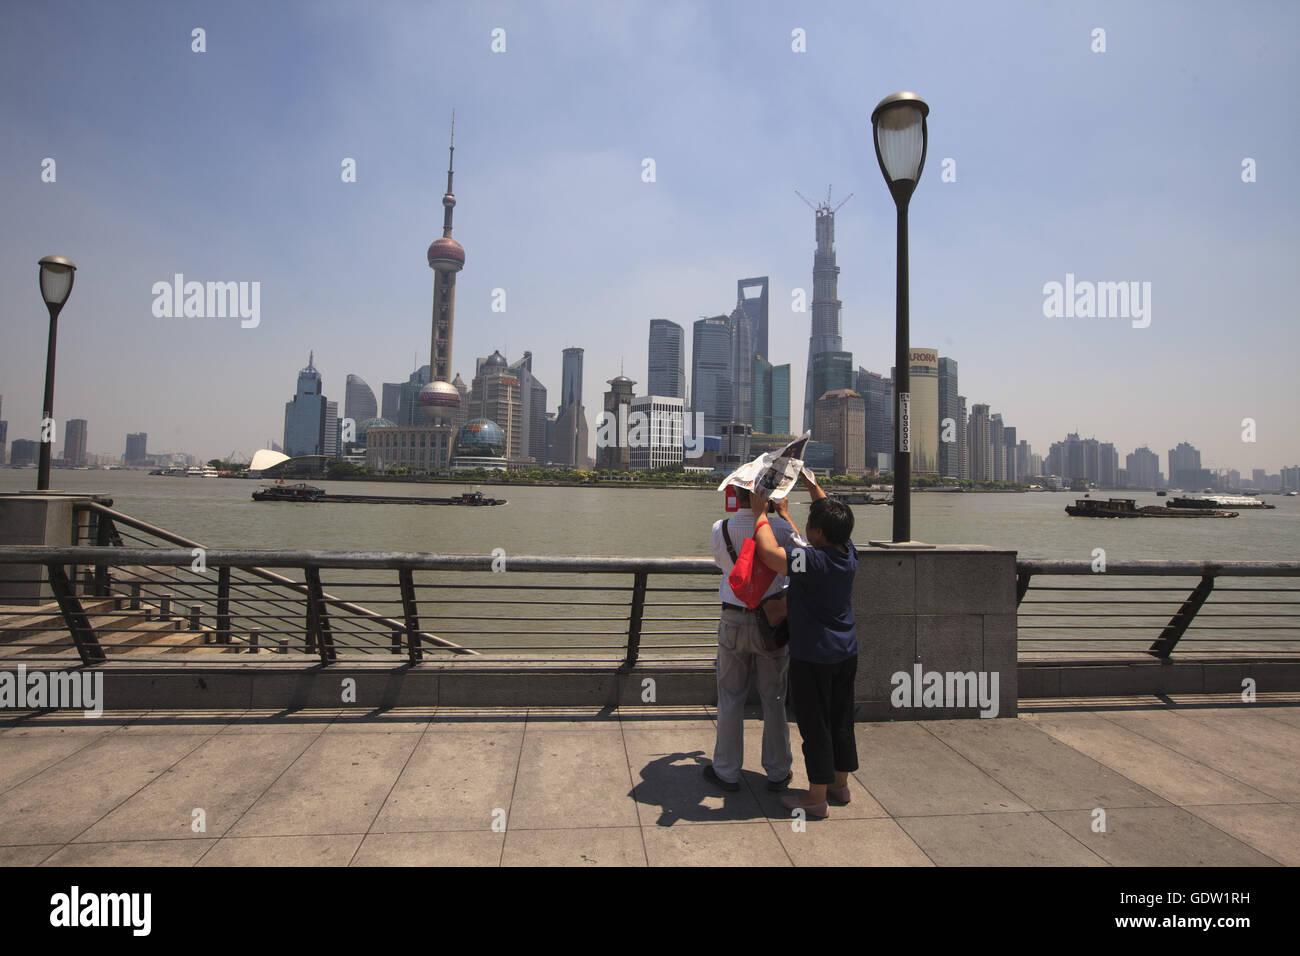 Una donna usa il quotidiano per bloccare la luce solare per un uomo Immagini Stock